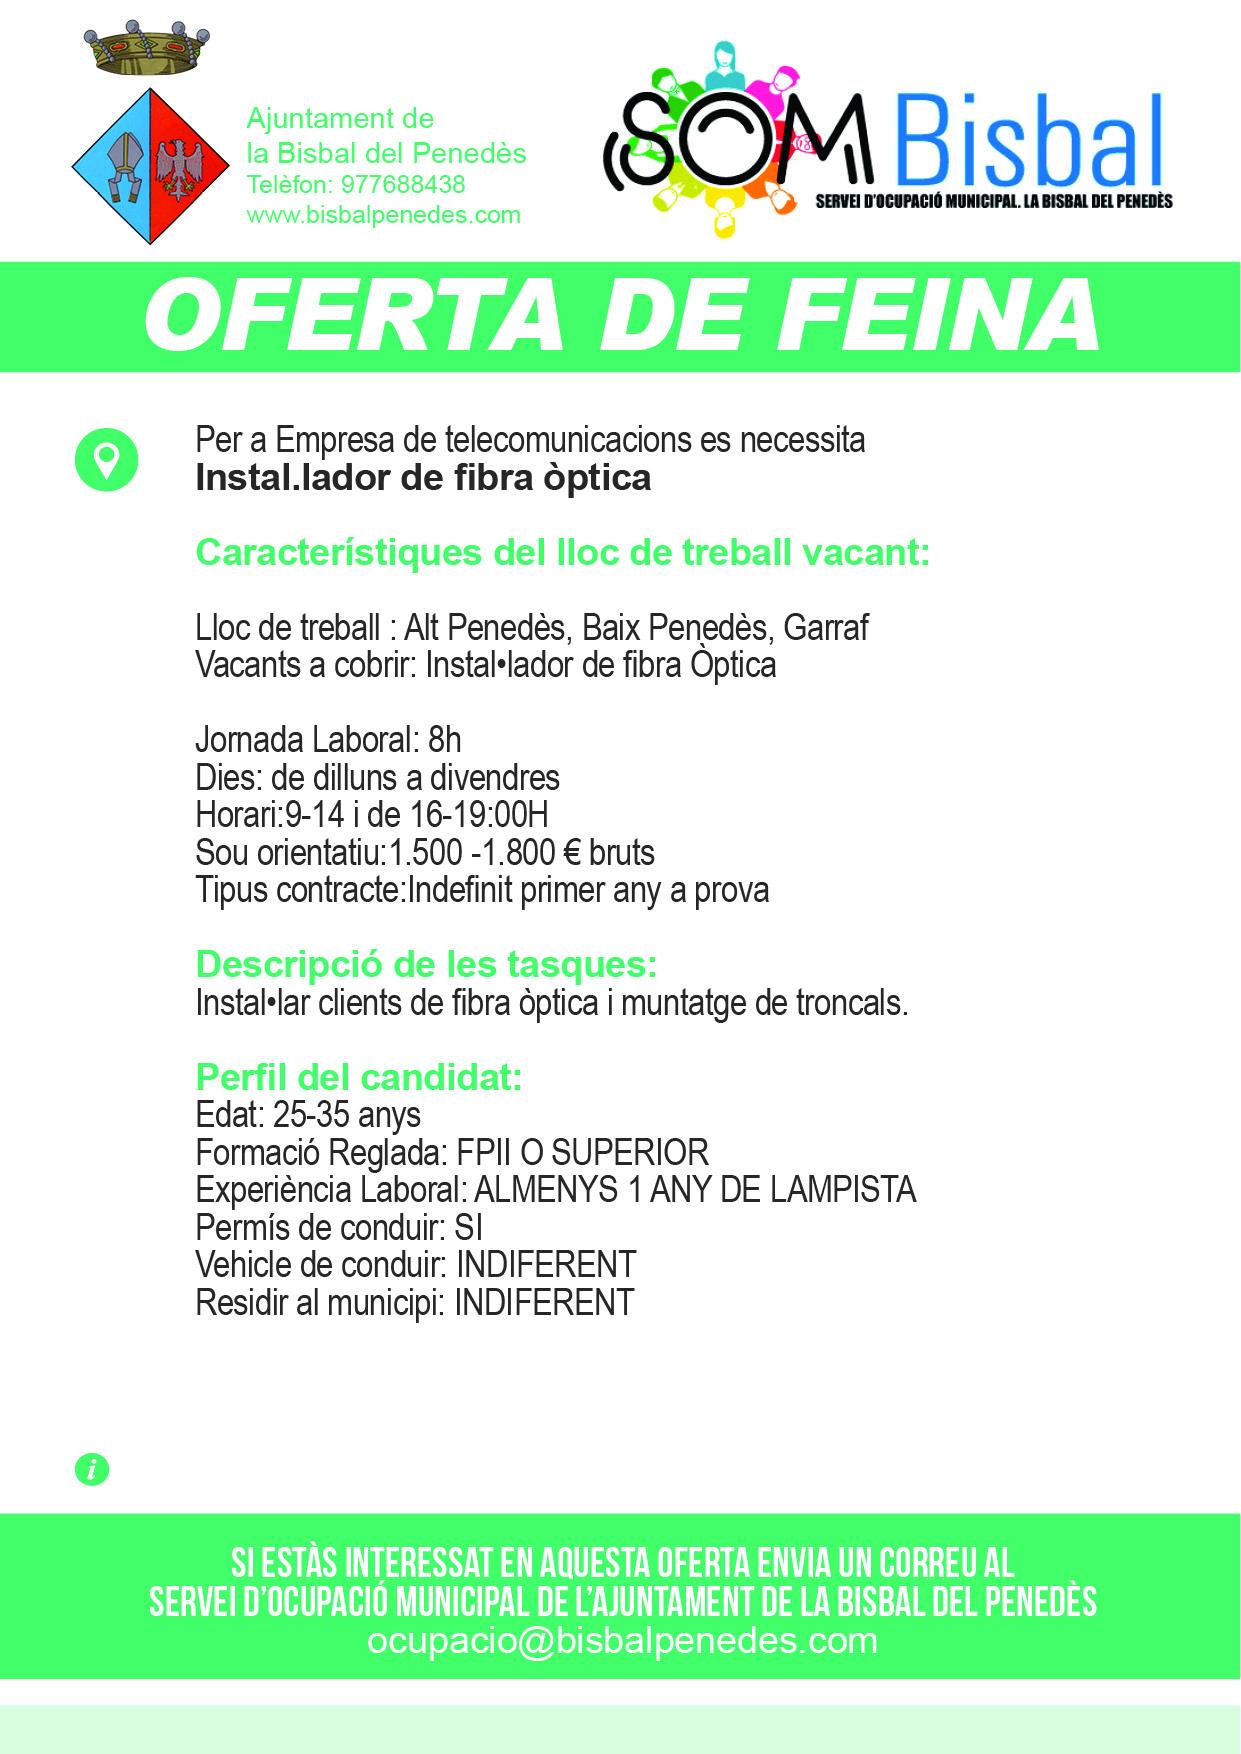 Oferta de feina instal.lador de fibra òptica